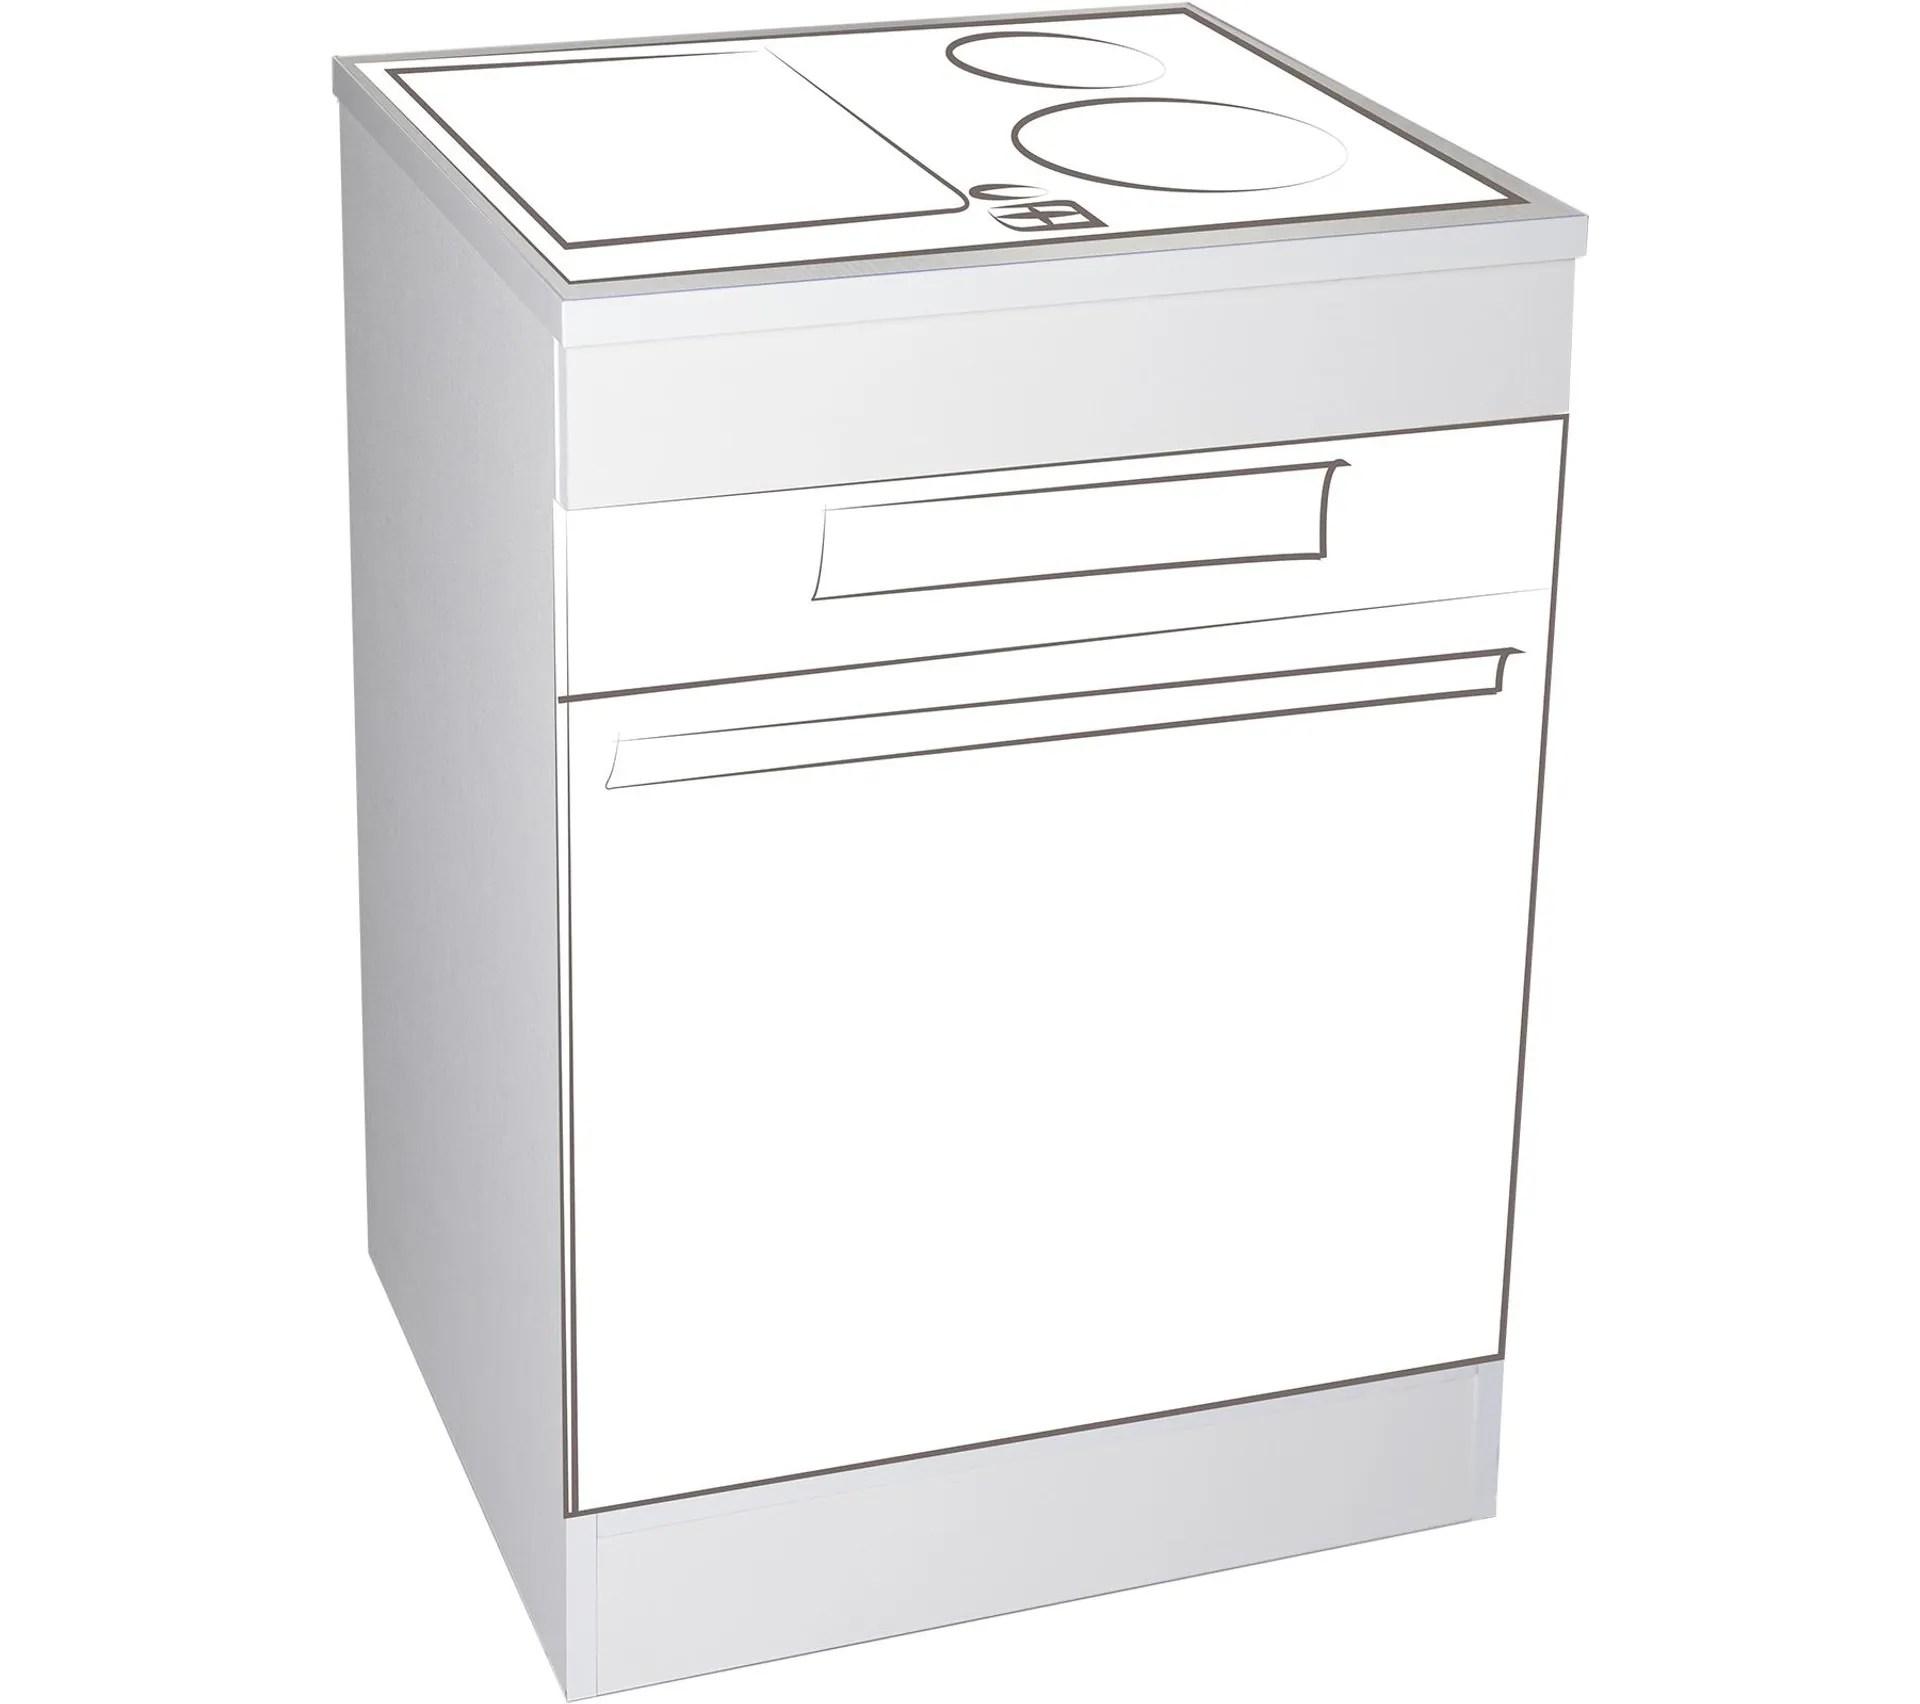 meuble bas de cuisine 60 cm blanc pour plaque et four mpf60 b